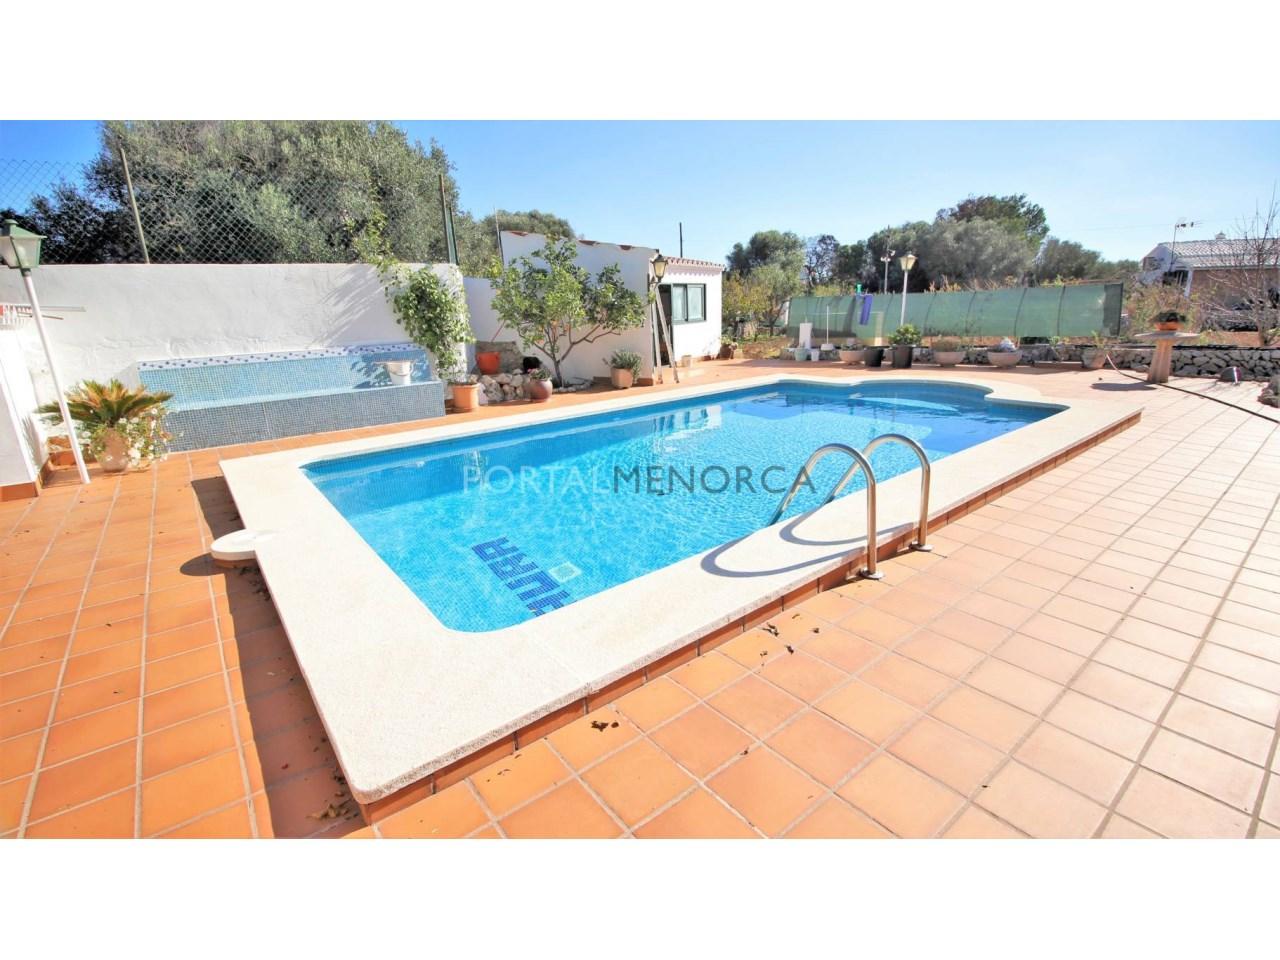 Casa con piscina en venta en Trepucó